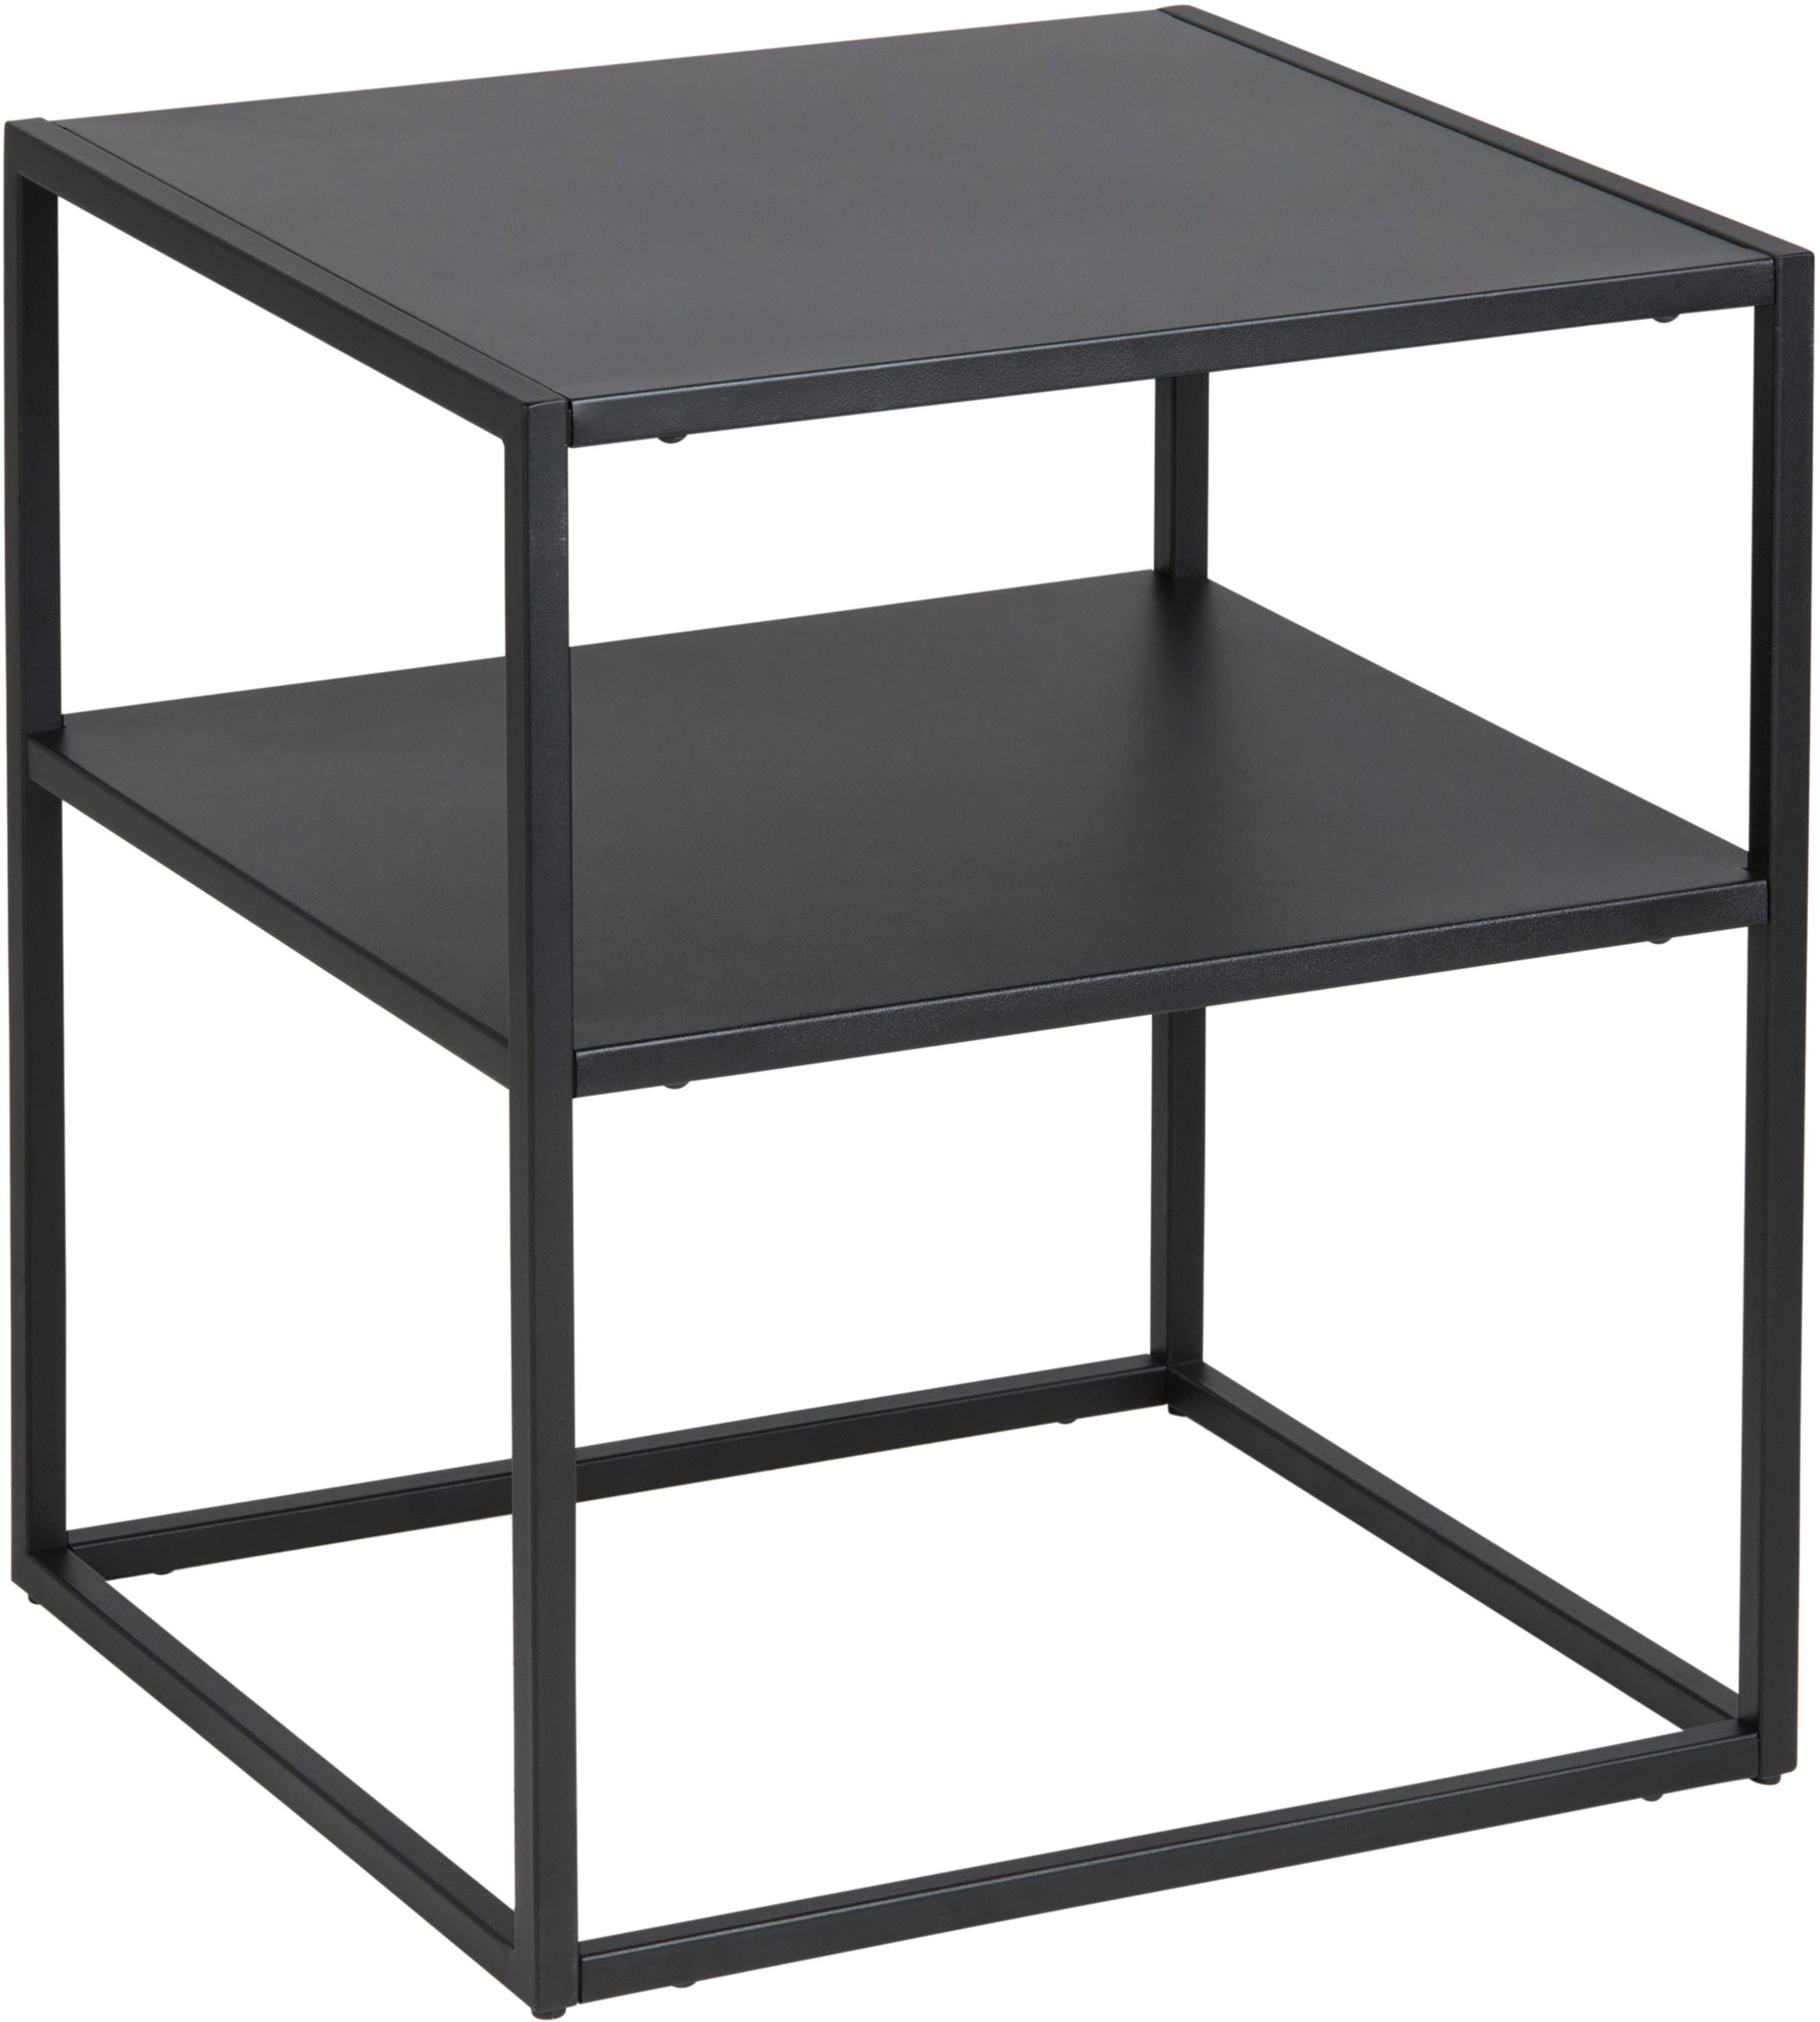 Tavolino in metallo nero Newton, Metallo  verniciato a polvere, Nero, Larg. 45 x Prof. 40 cm